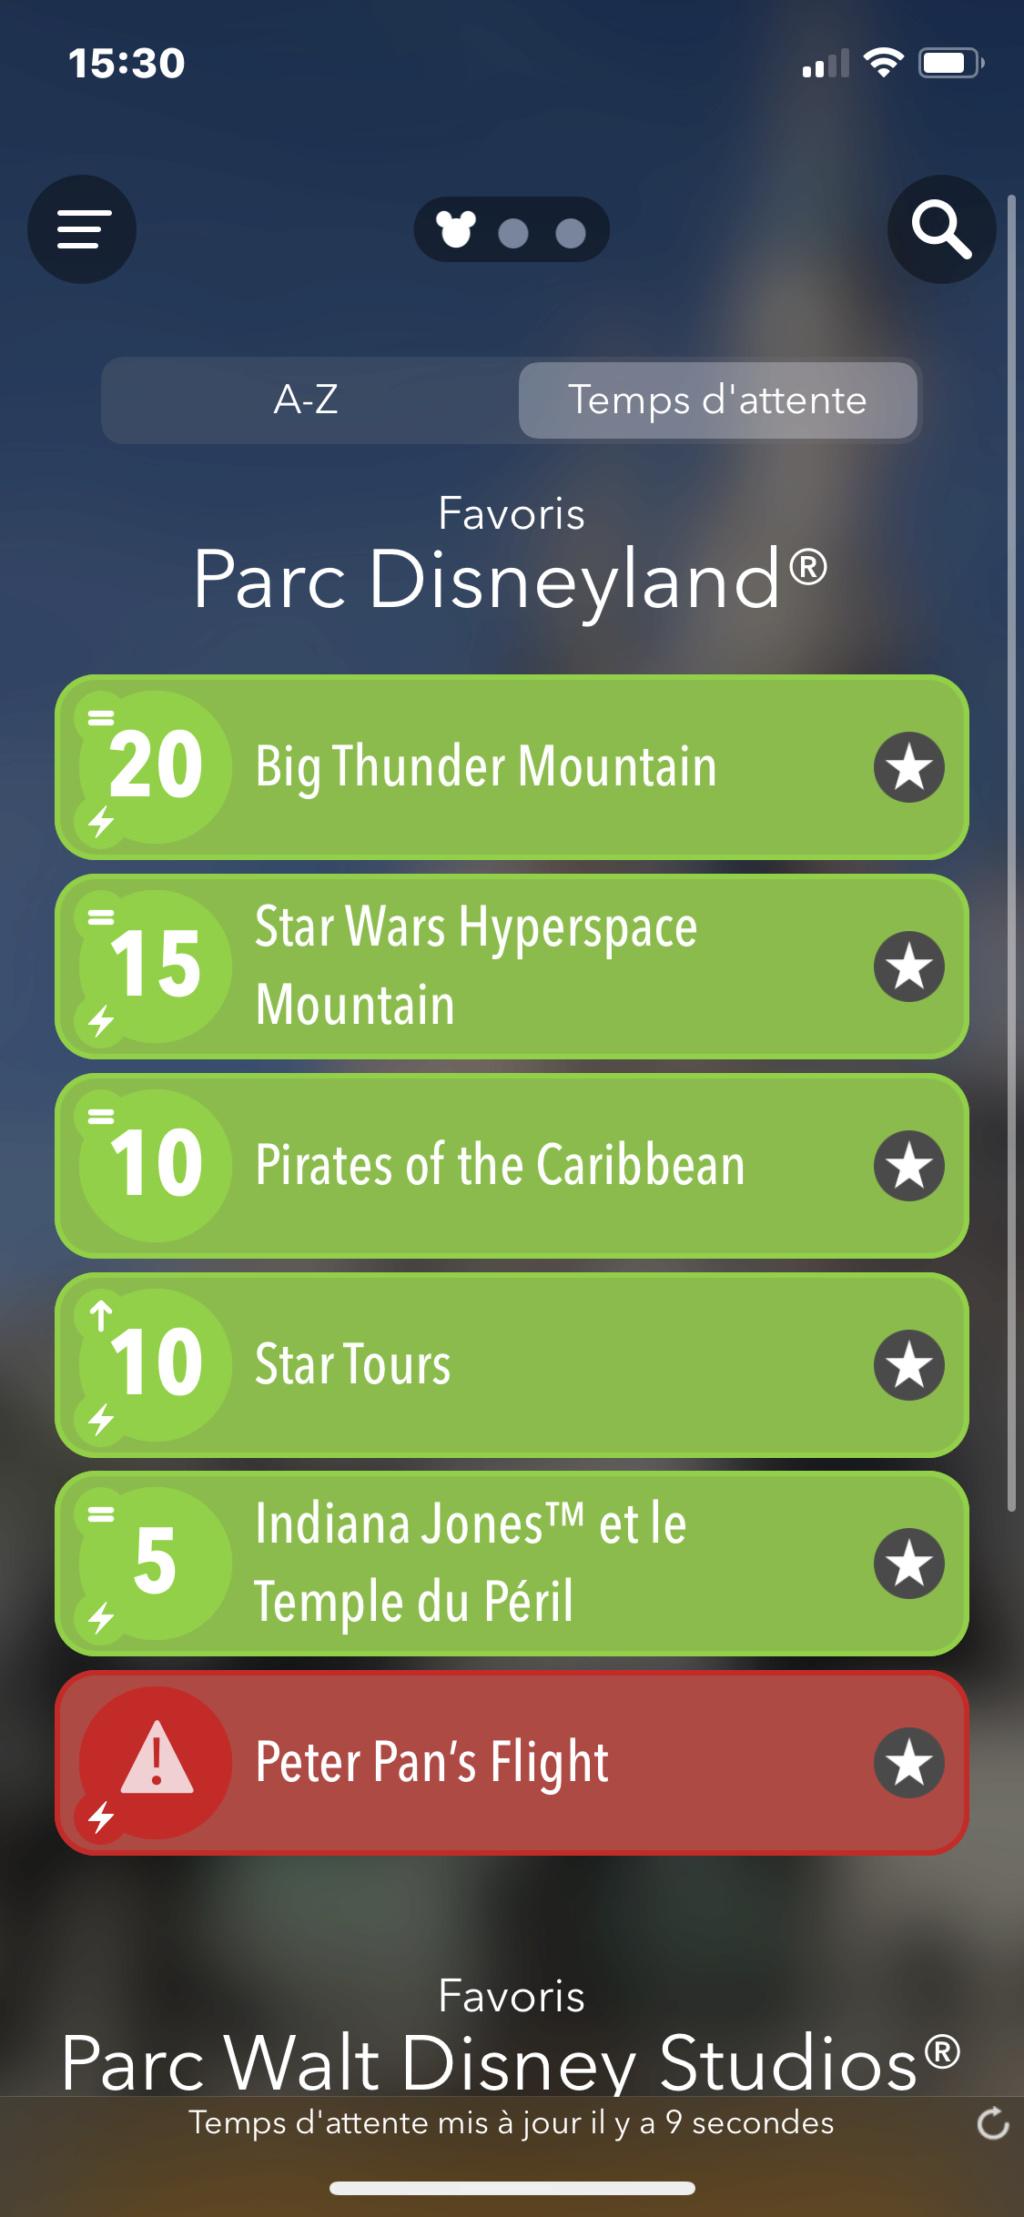 Fermeture des Parcs Disney du monde pendant la COVID-19 - Page 6 B328fe10